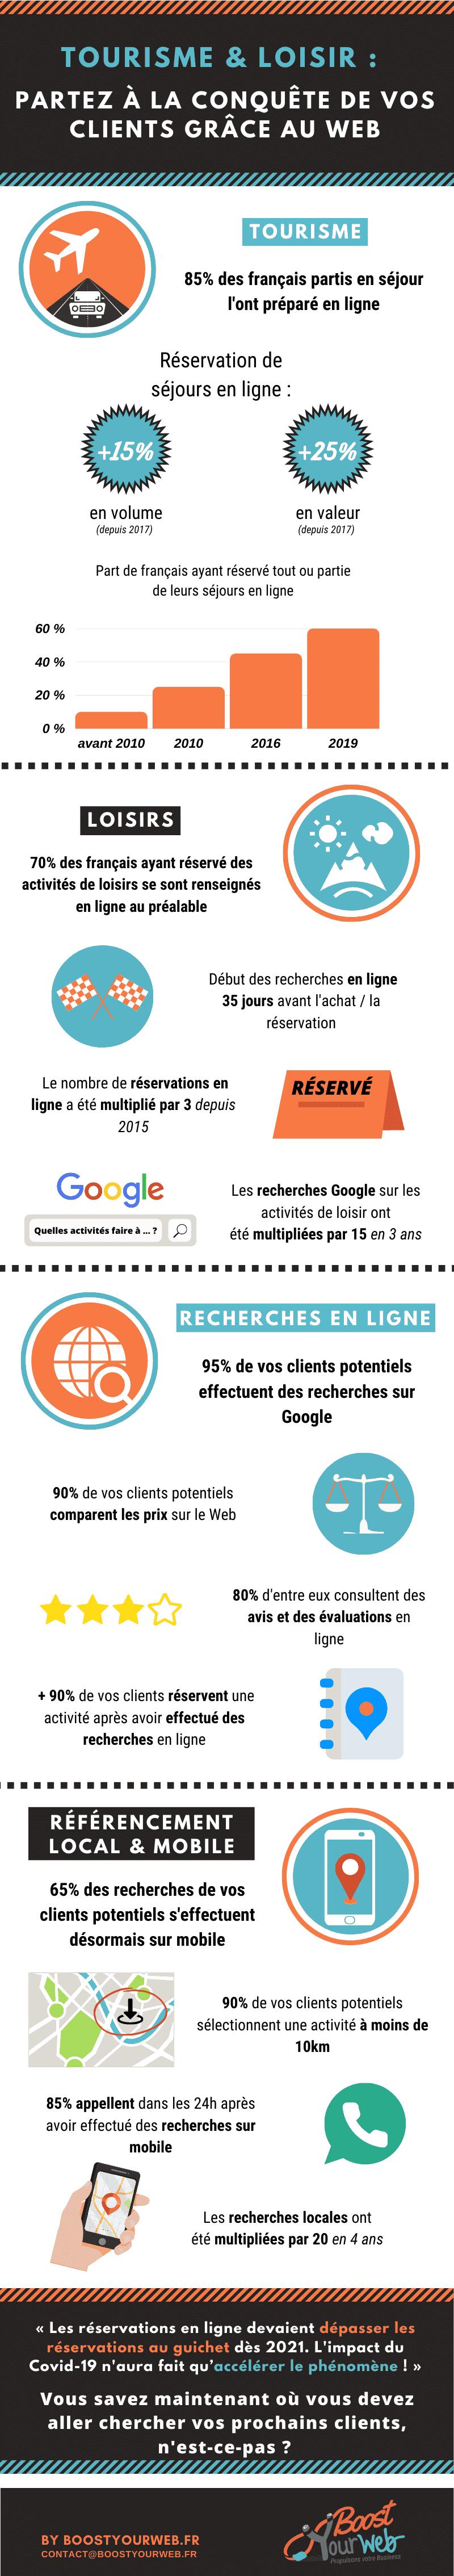 infographie tourisme et loisir